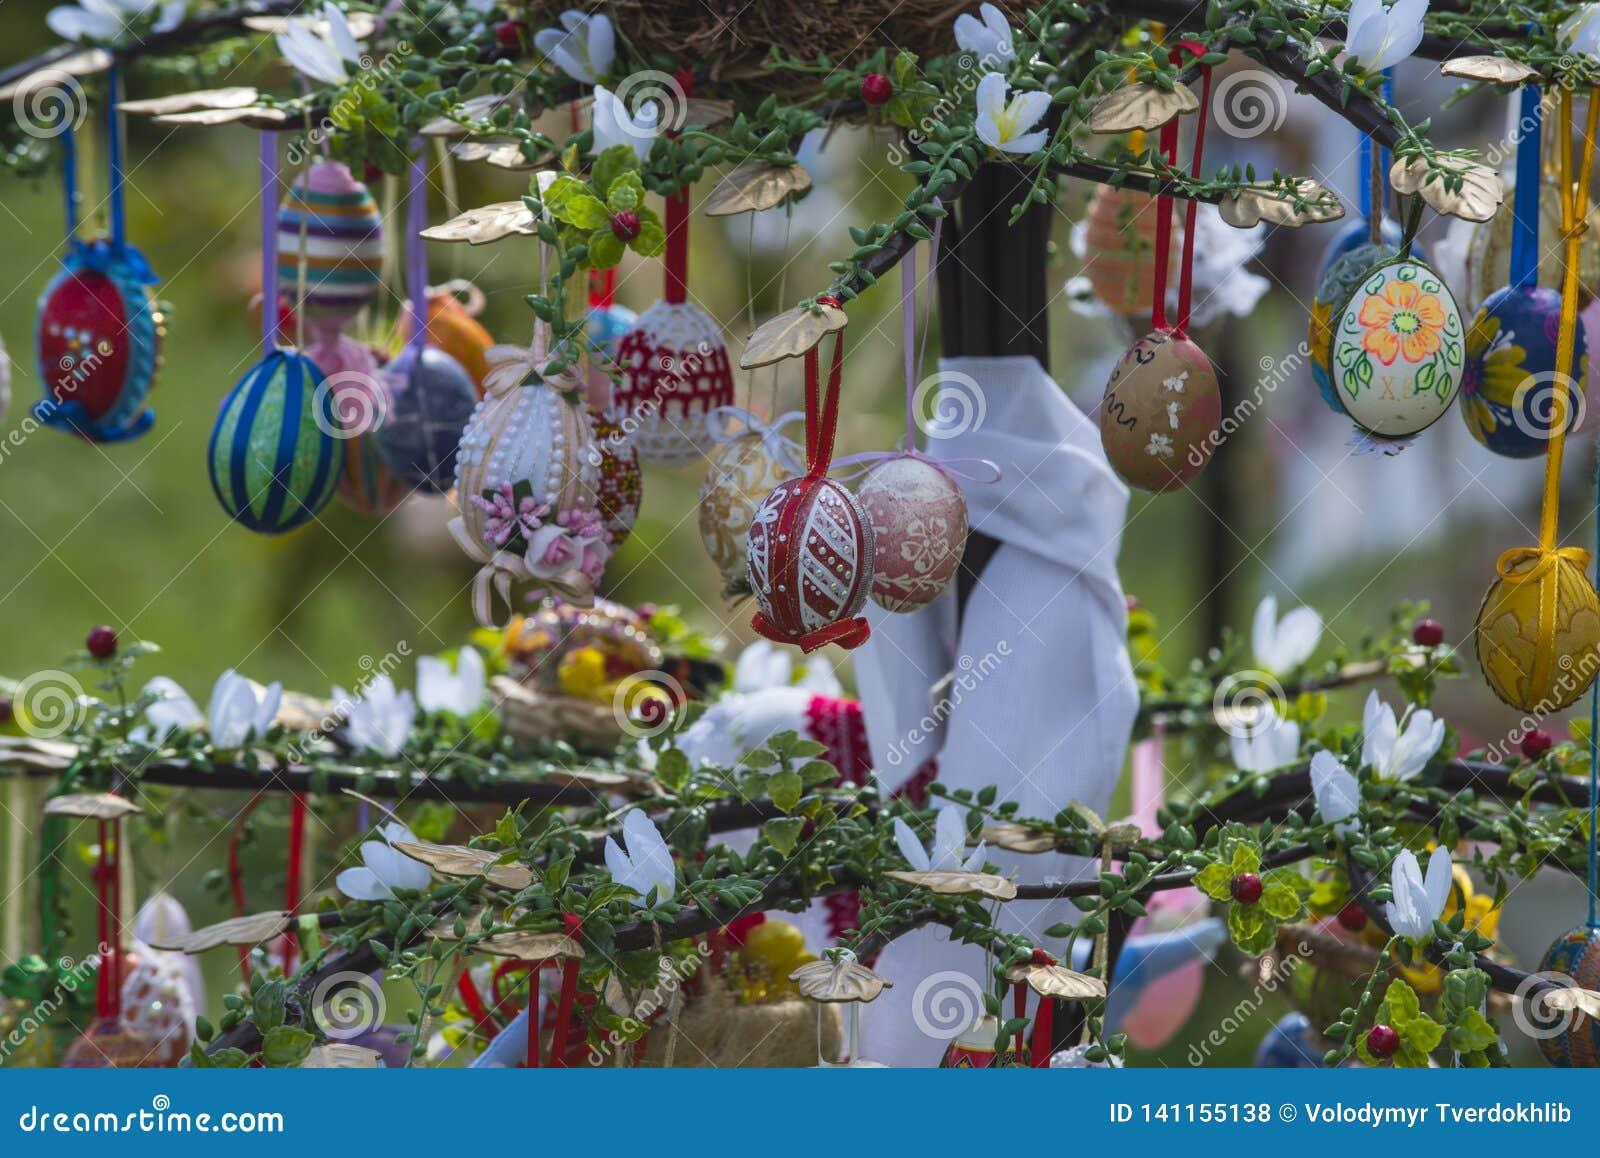 8 Easter Eggs Hang Photos - Free & Royalty-Free Stock Photos